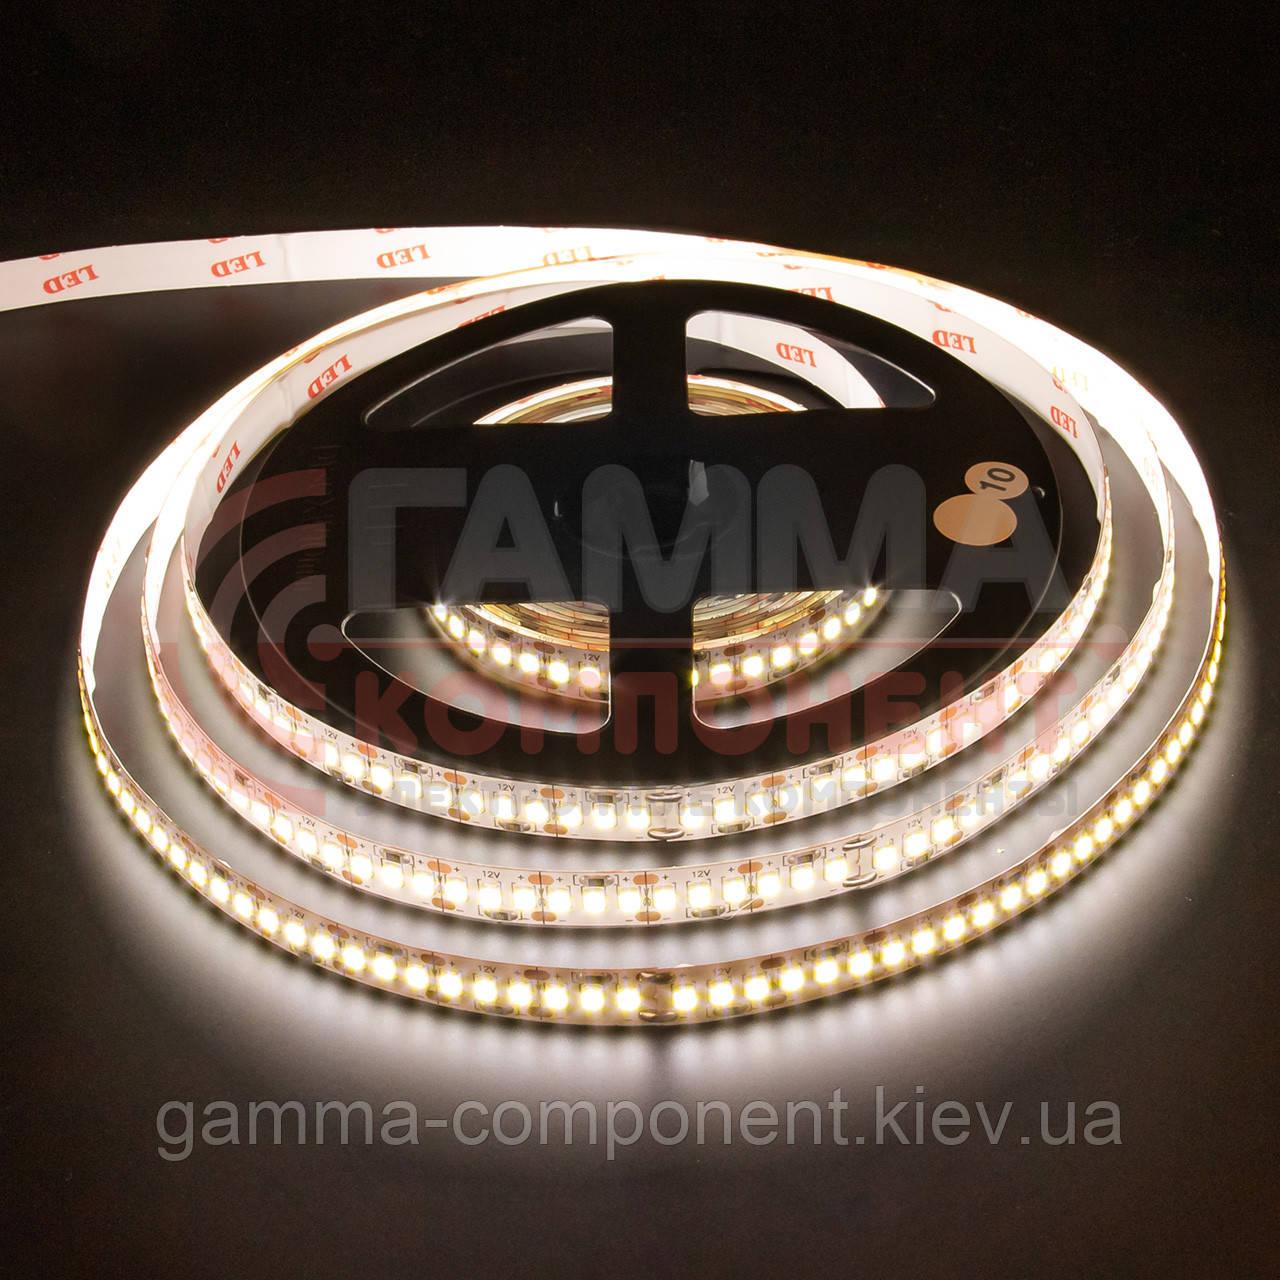 Светодиодная лента AVT PROFESSIONAL SMD 3014 (204 LED/м), теплый белый, IP20, 12В - бобины от 5 метров